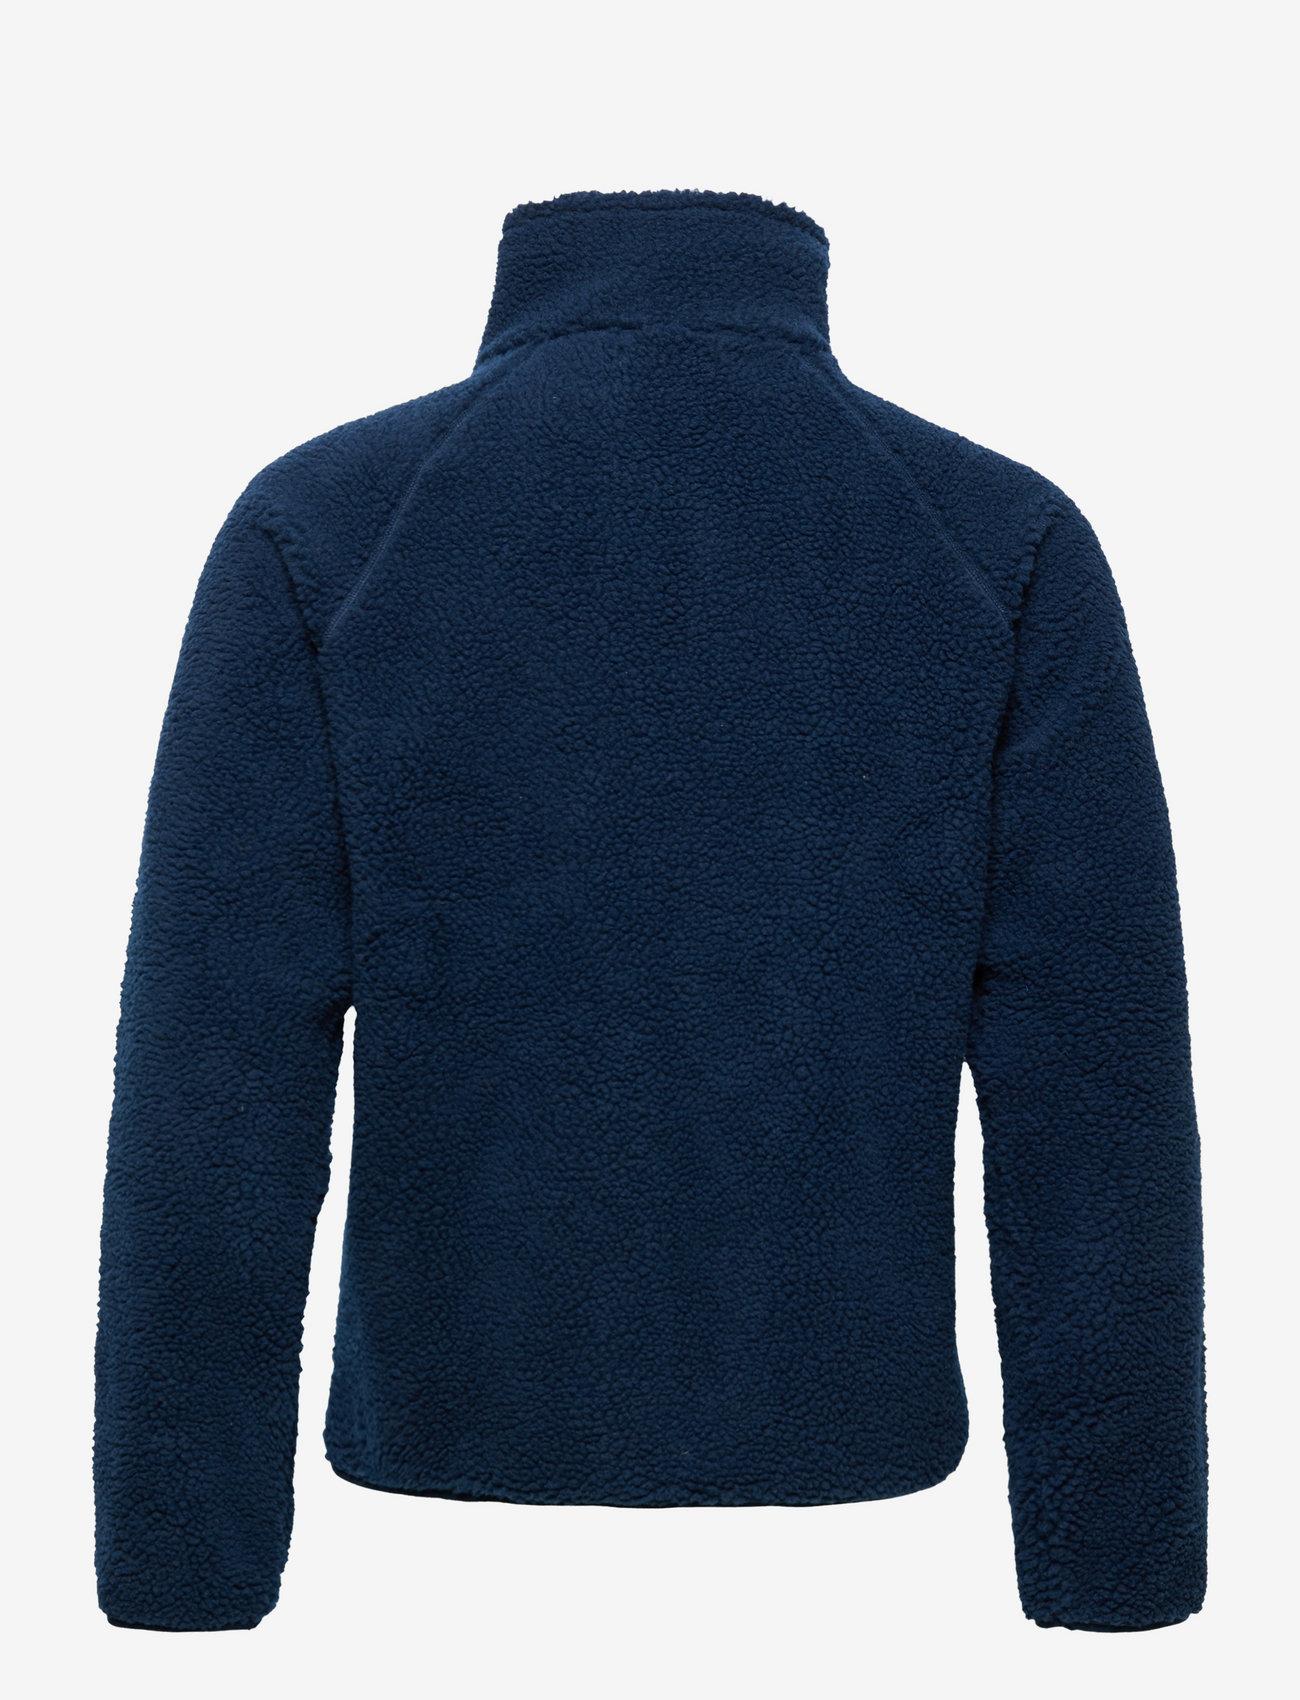 Resteröds - Resteröds Zip Fleece Jacket - basic-sweatshirts - navy - 1